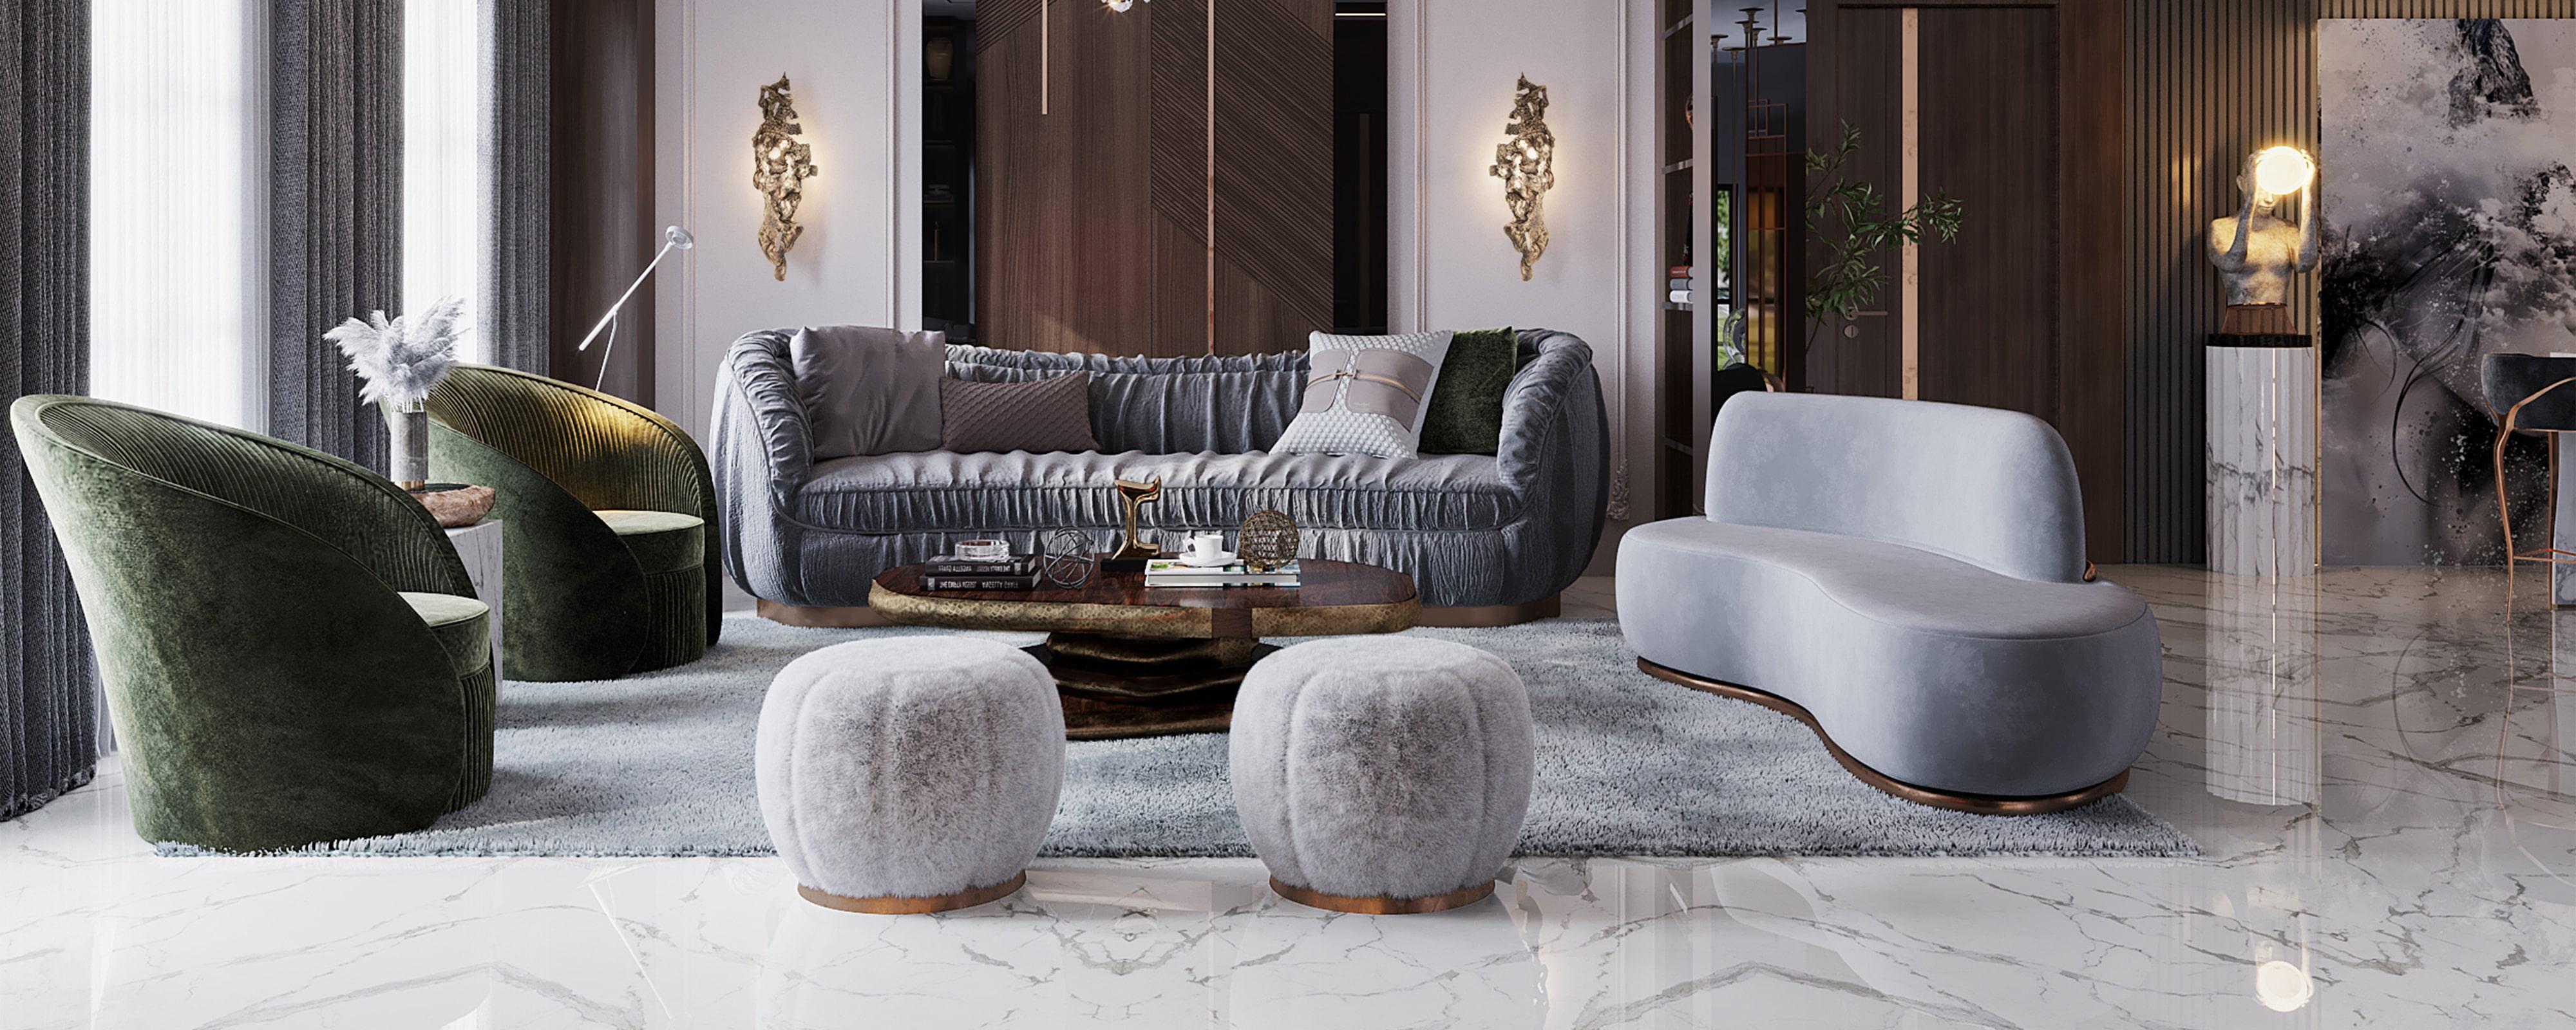 opulent modern classic villa in riyadh